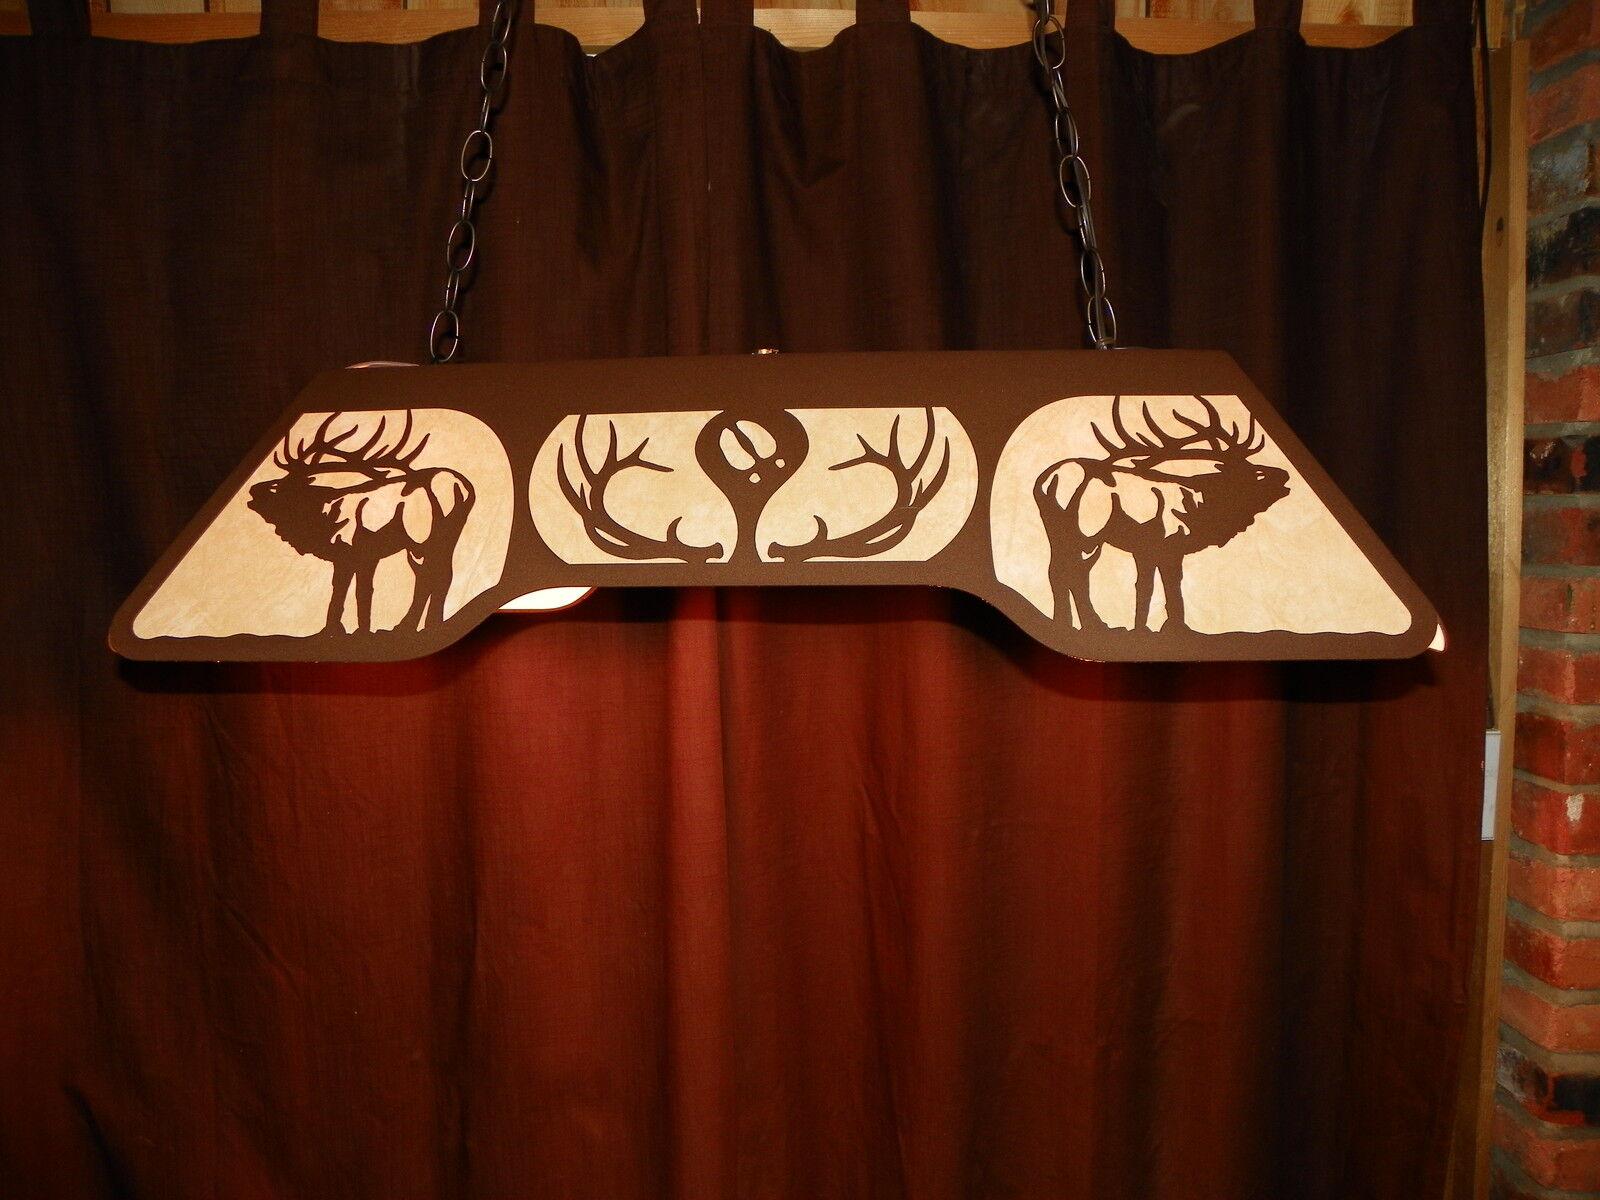 ELK Bugling 6 pt Antlers Laser cut steel Pool Table Light Lamp hunt cabin Decor